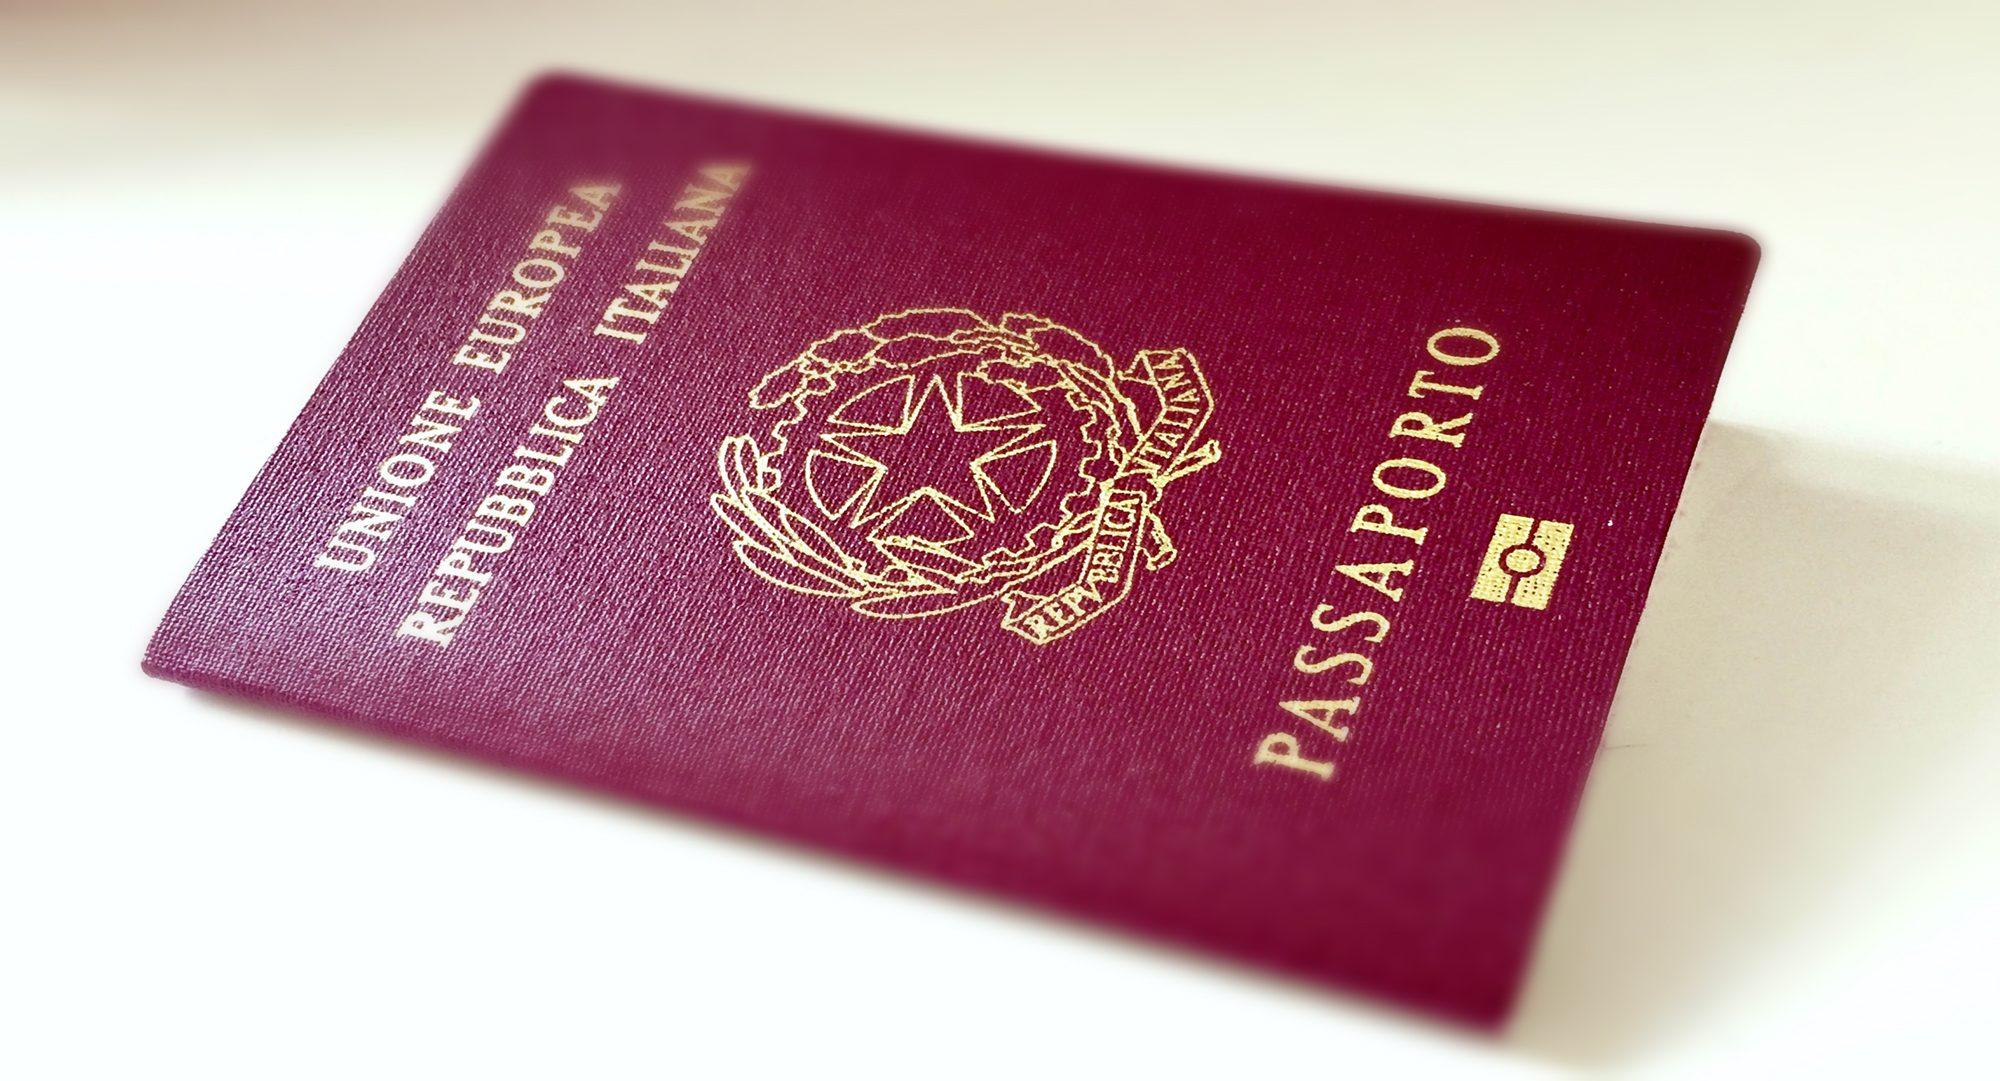 Rinnovo passaporti cambiano le regole dogma tours for A quanti mesi i cani cambiano i denti